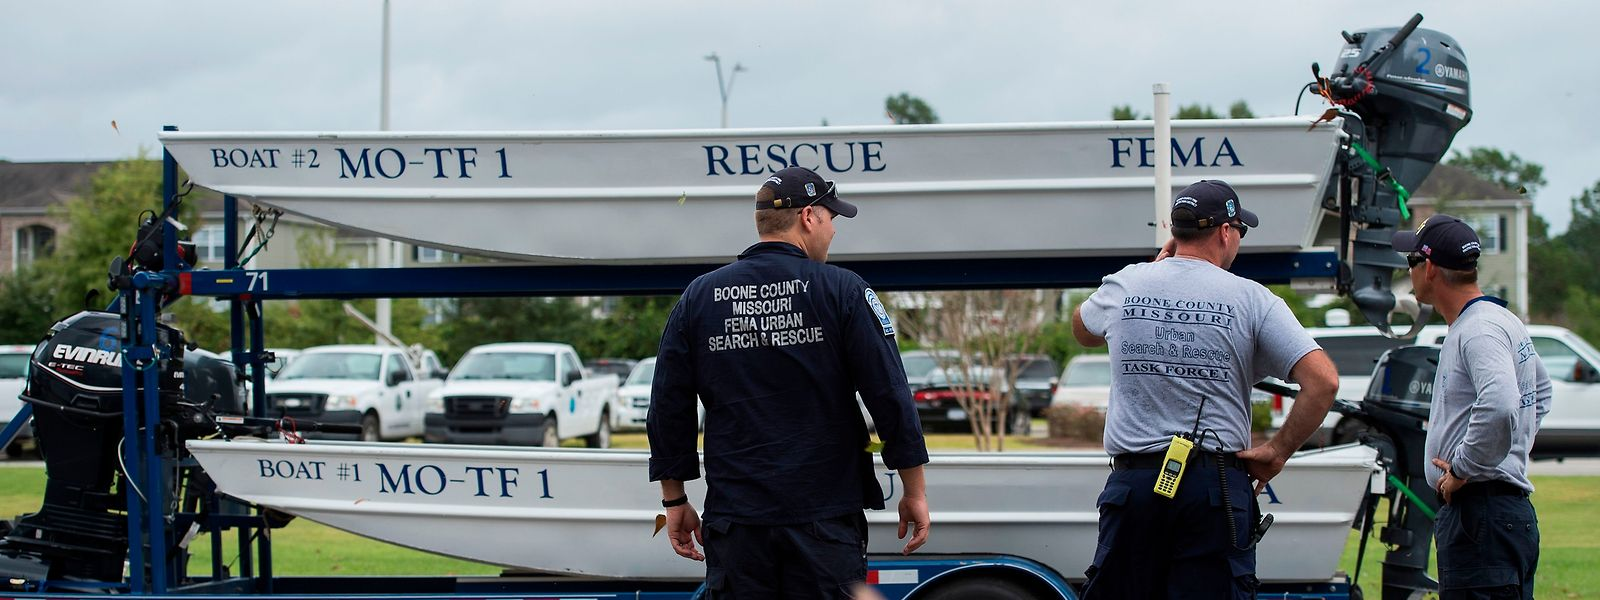 """Der Hurrikan """"Florence"""" soll nach Angaben der US-Behörden zwischen Freitag- und Samstagmorgen Ortszeit, vermutlich in den Bundesstaaten North Carolina oder South Carolina, auf Land treffen."""